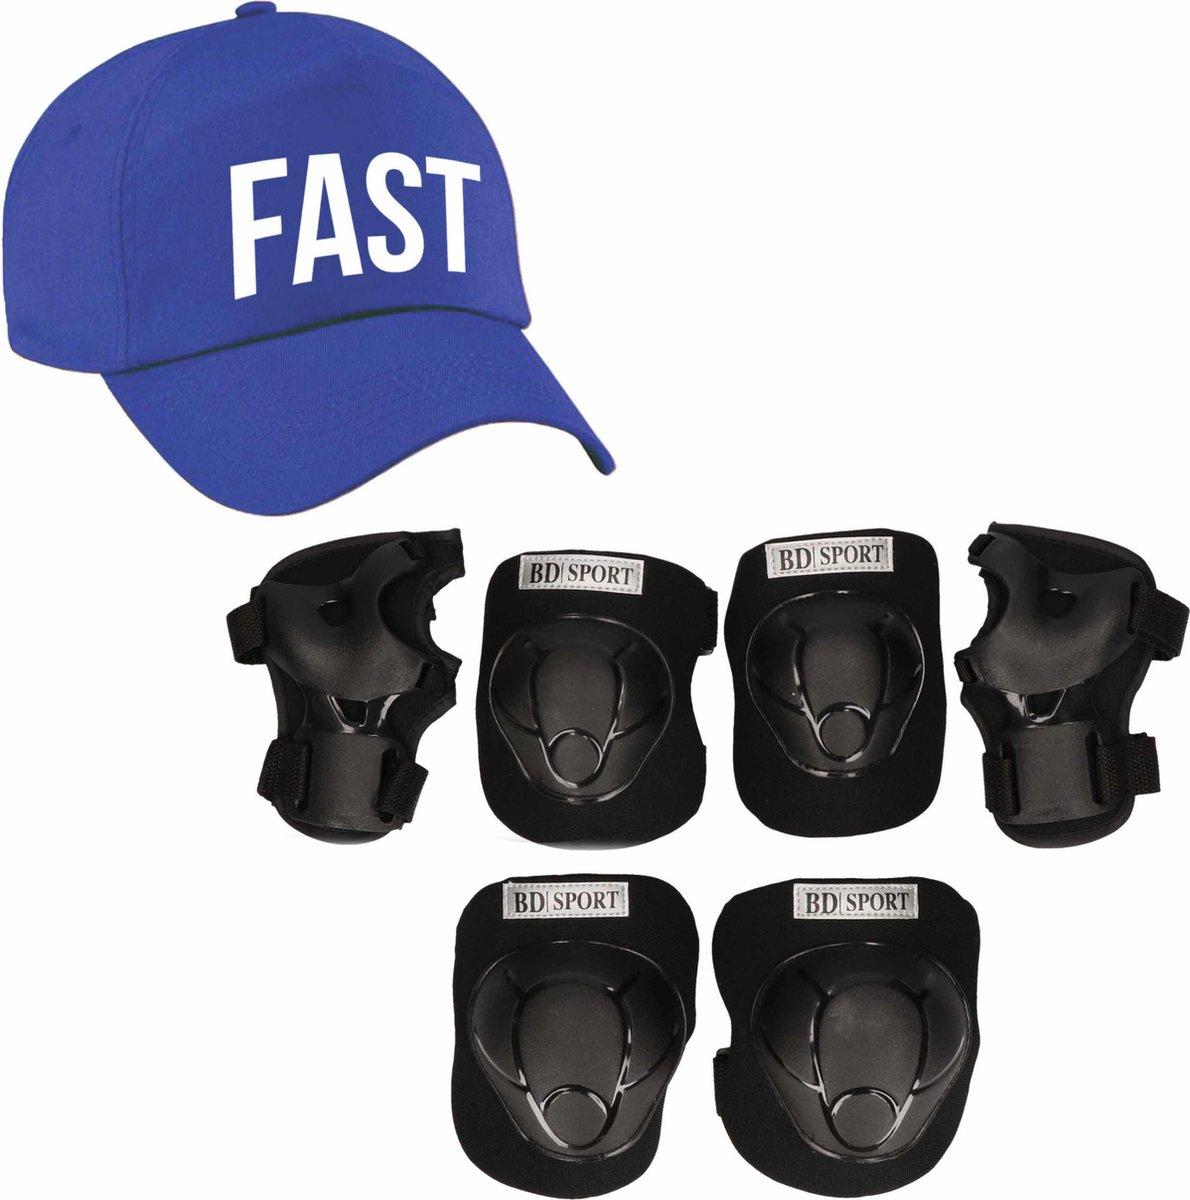 Set van valbescherming voor kinderen maat L / 9 tot 10 jaar met een stoere FAST pet blauw